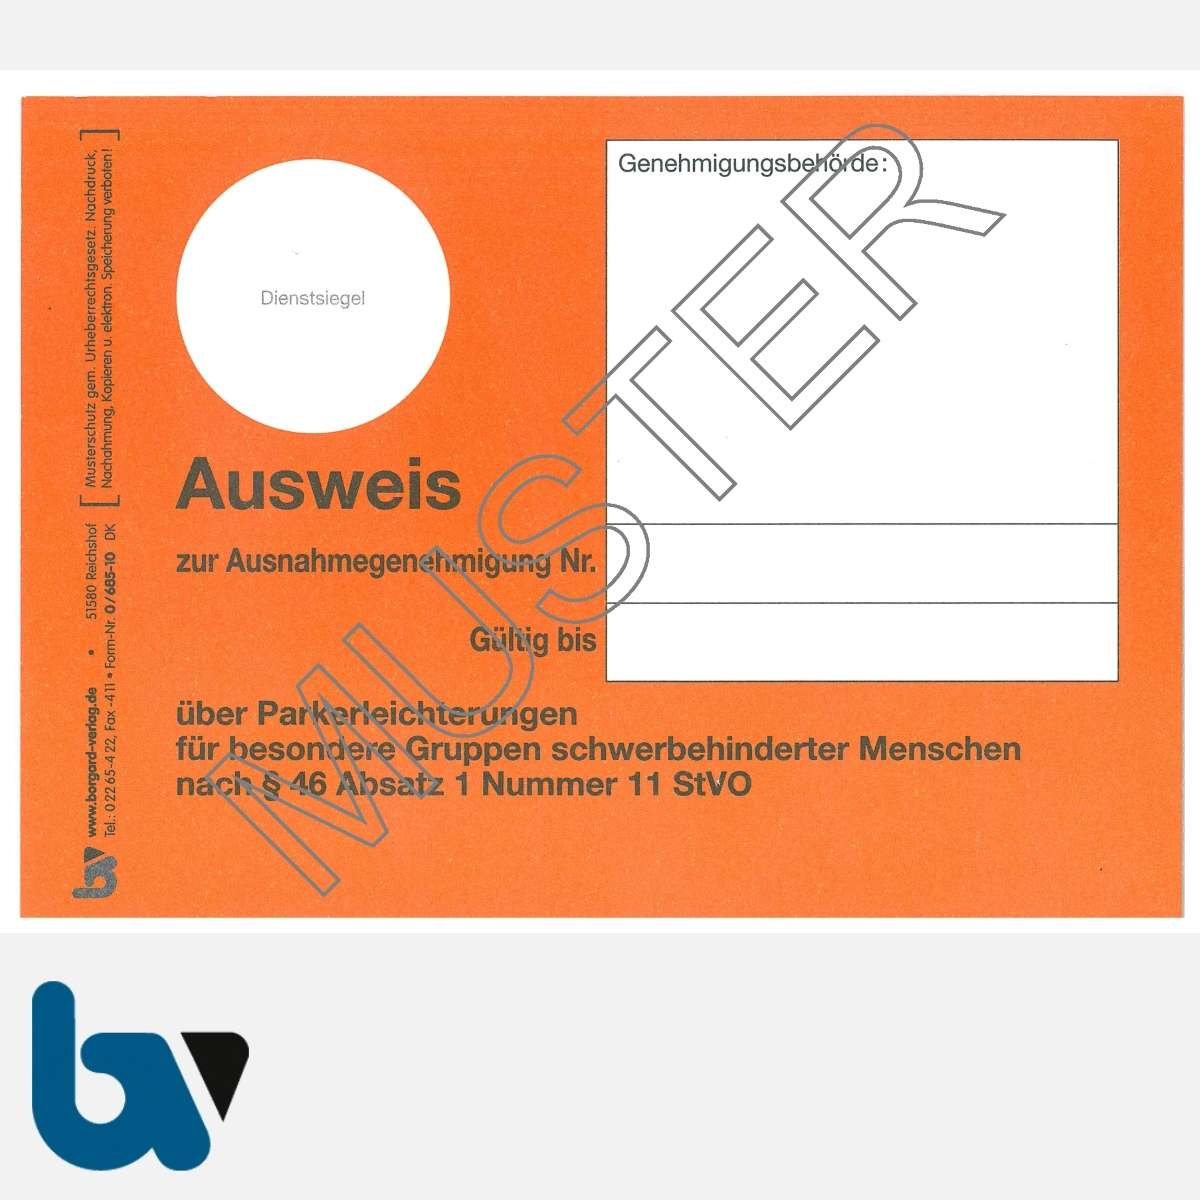 0/685-10 Parkausweis zur Ausnahmegenehmigung über Parkerleichterungen BRD orange Modell behinderte Menschen DIN A6 VS | Borgard Verlag GmbH